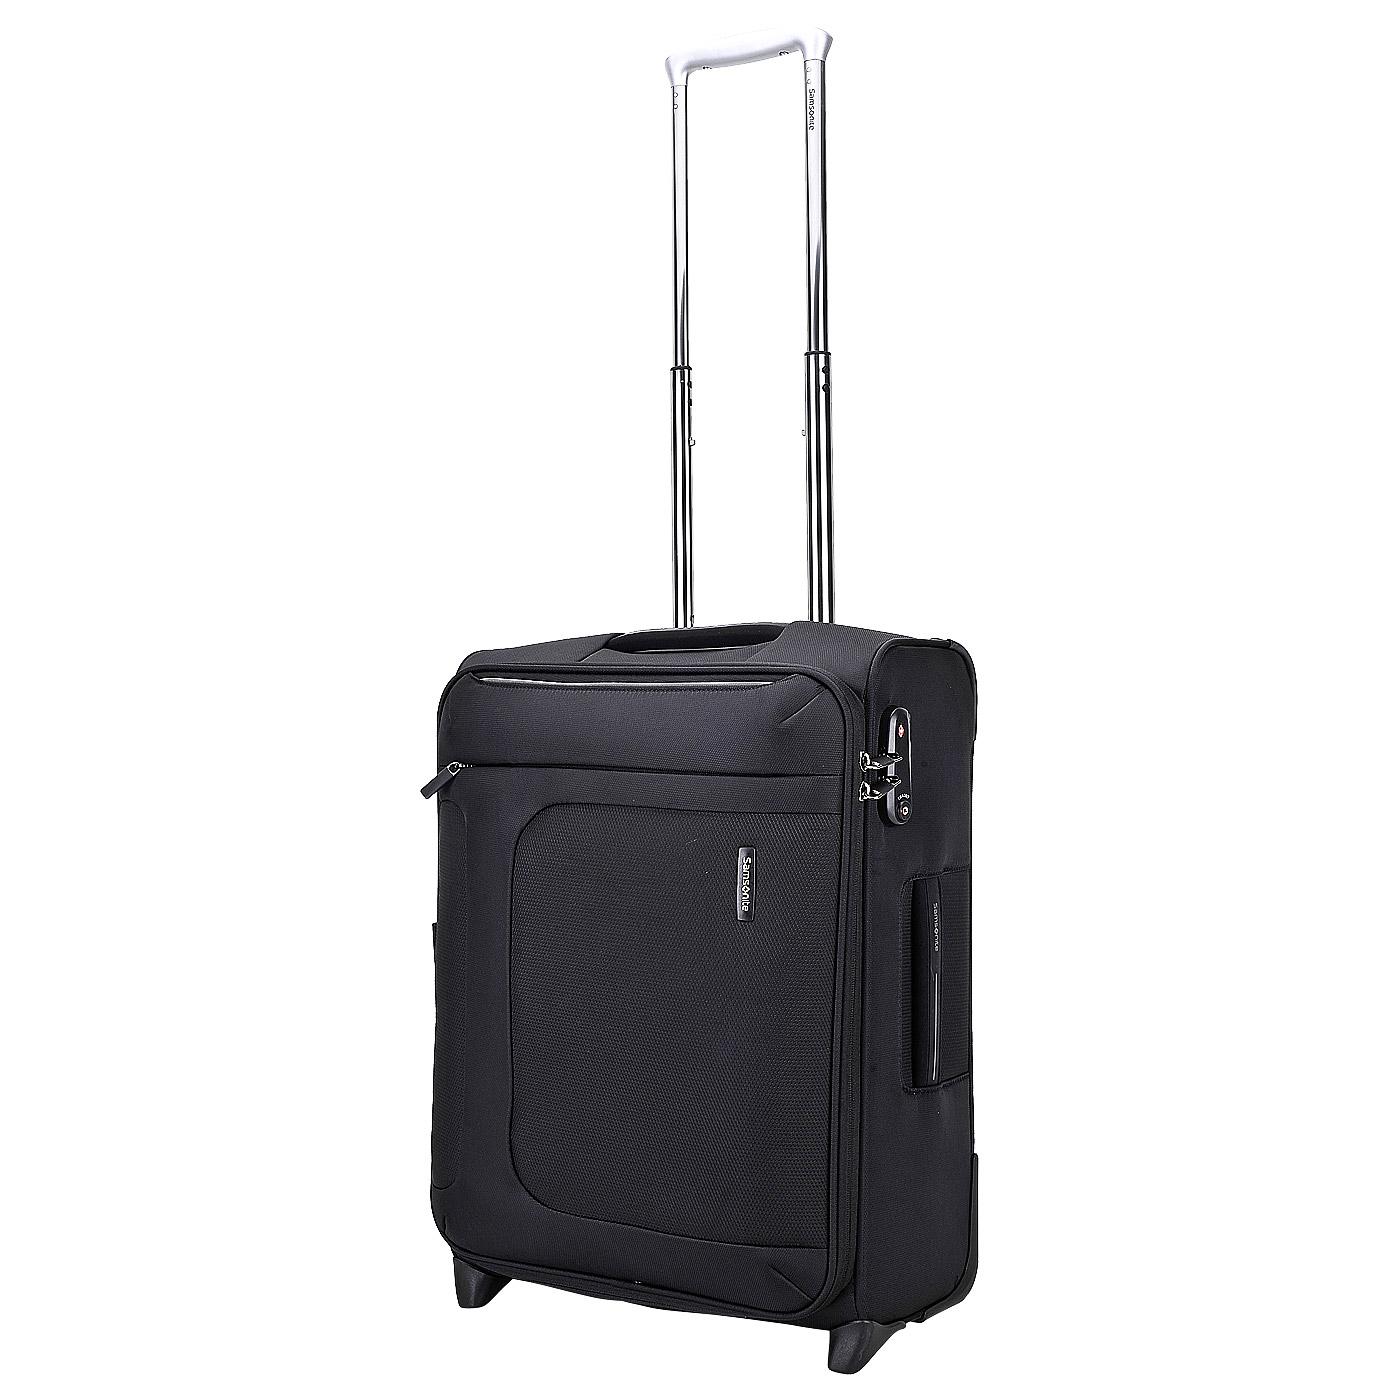 Купить чемодан самсонит на колесах недорого интернет магазин